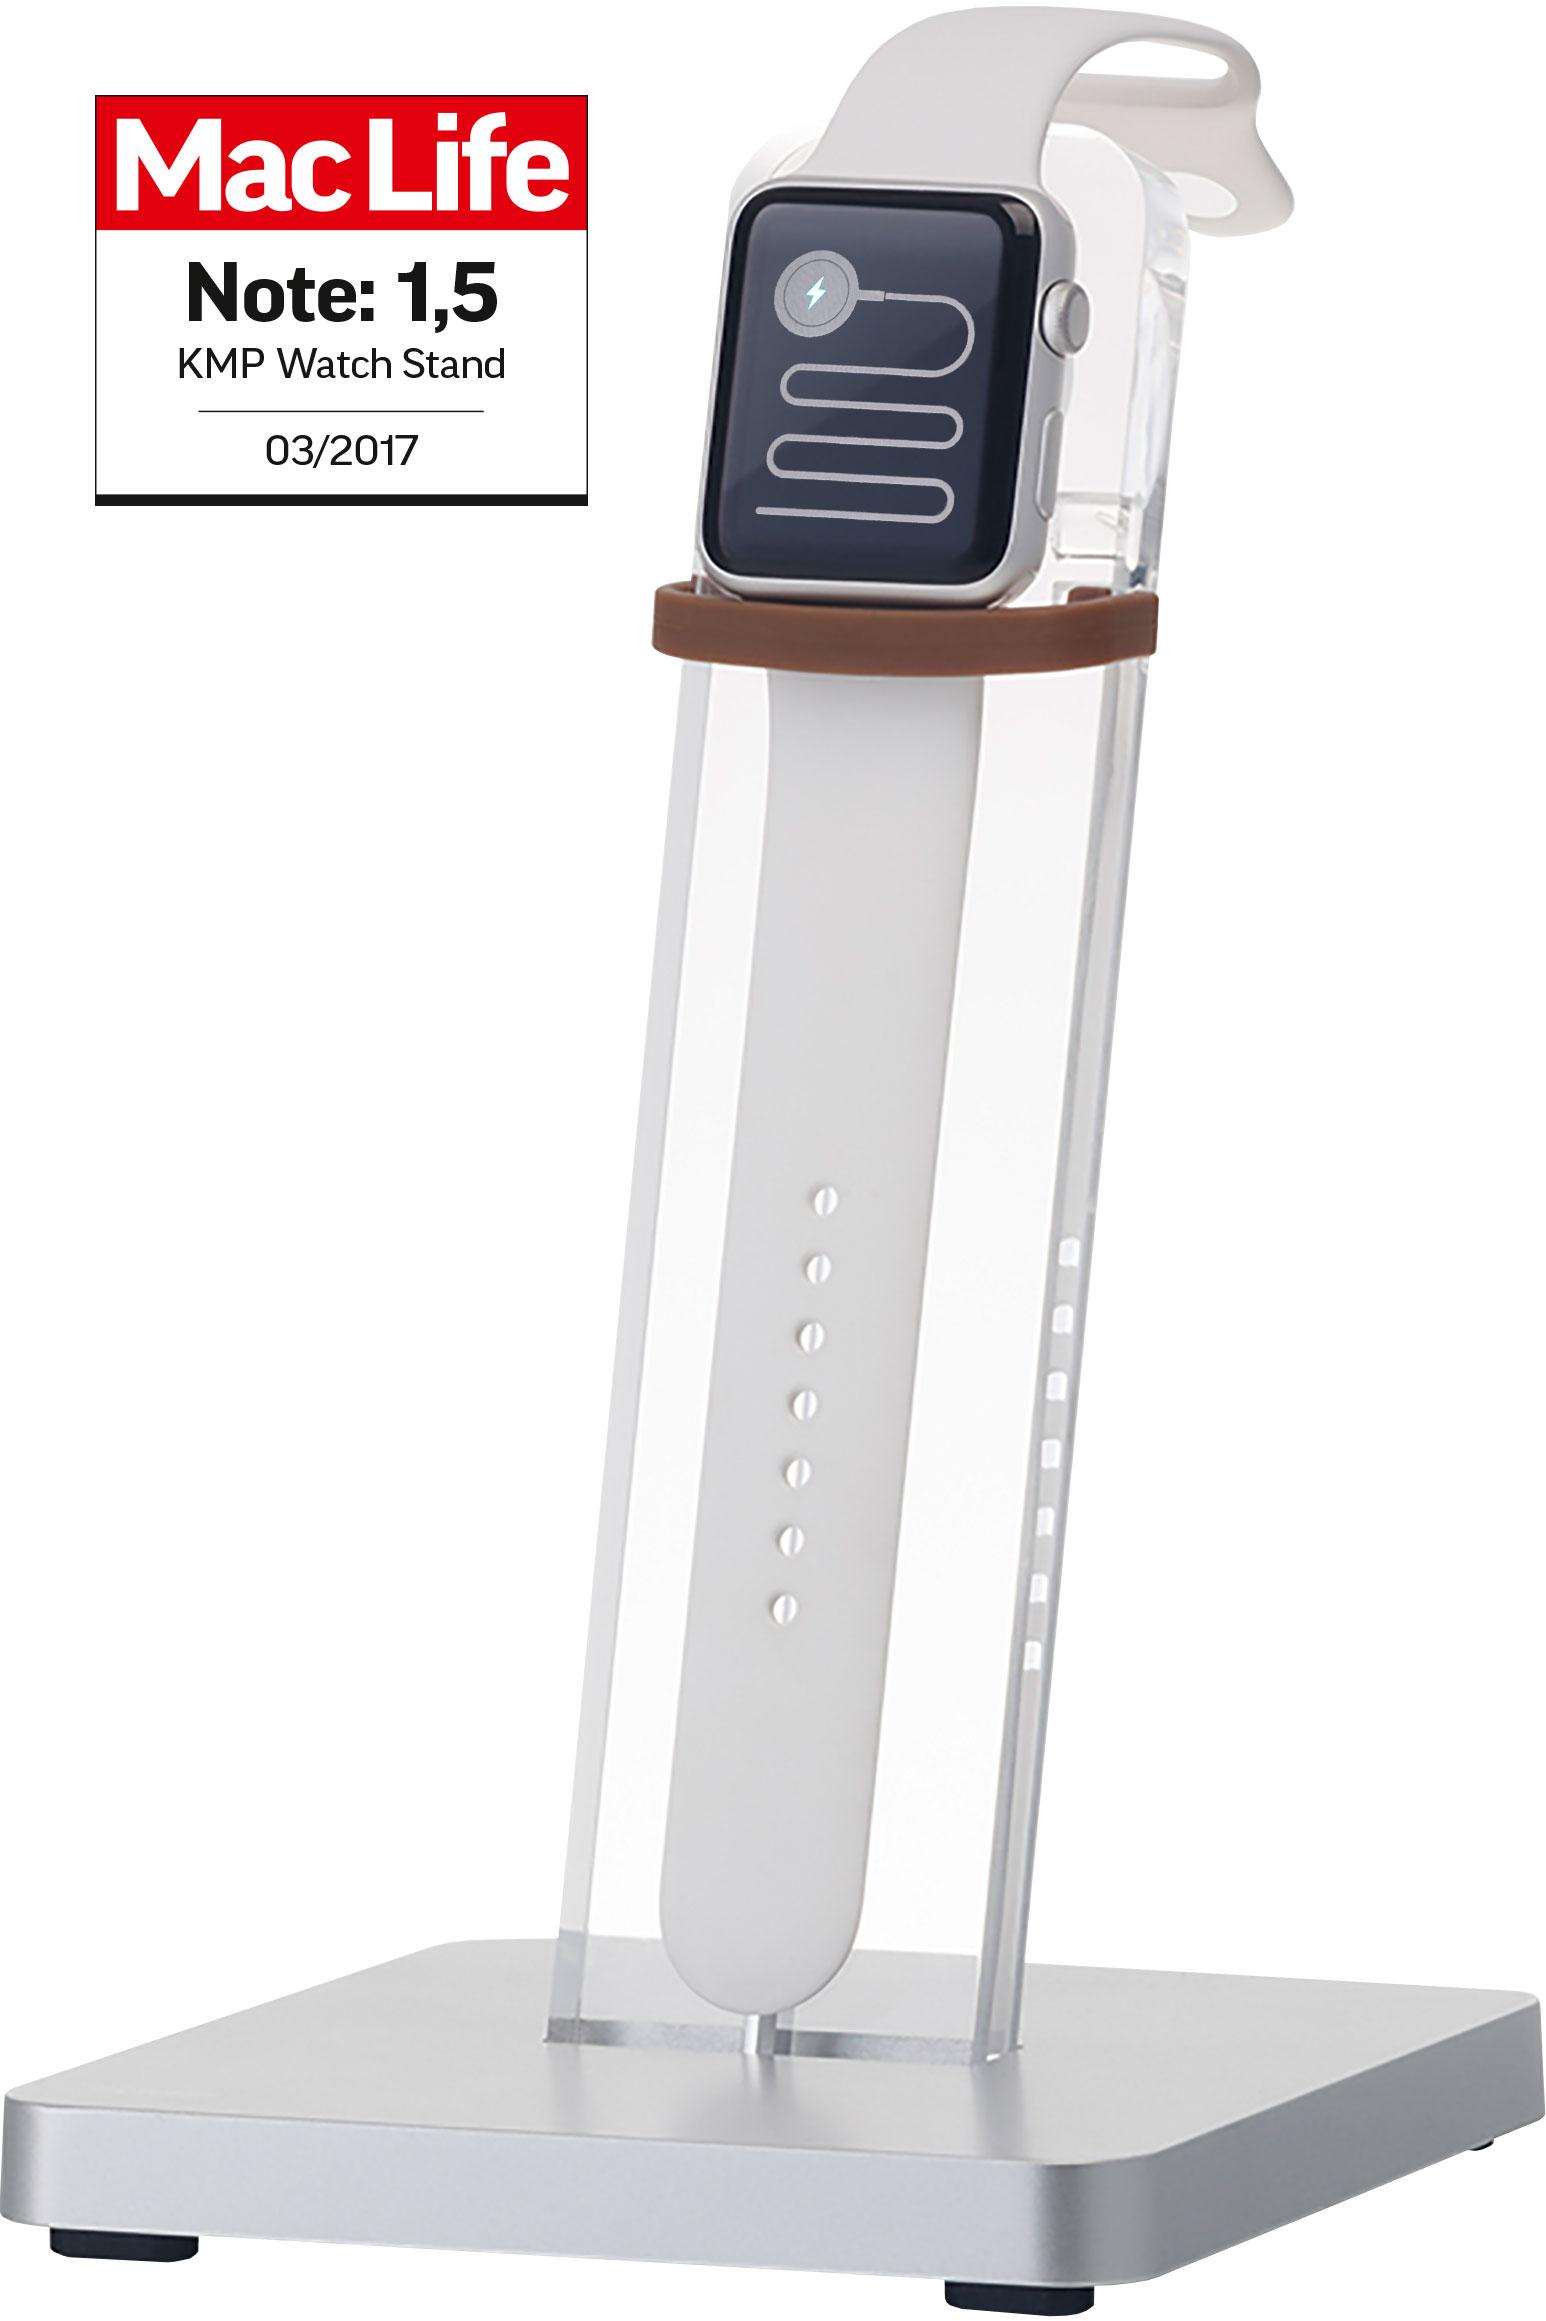 Vorschau: KMP Smartwatch Ständer für Apple Watch acryl